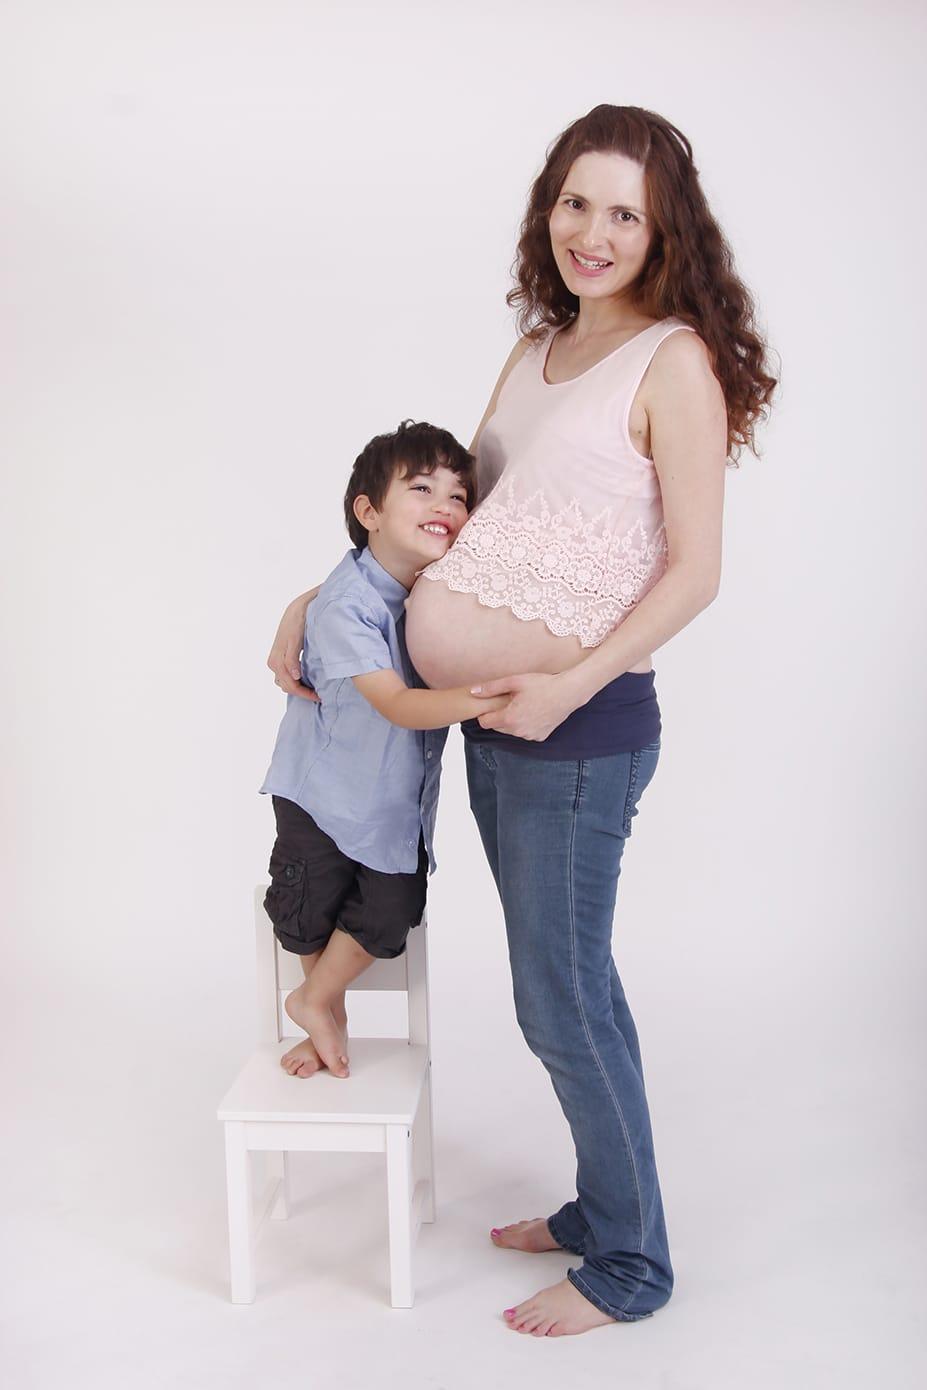 צילומי היריון משפחת קויפמן סטודיו גיל לוין (4)